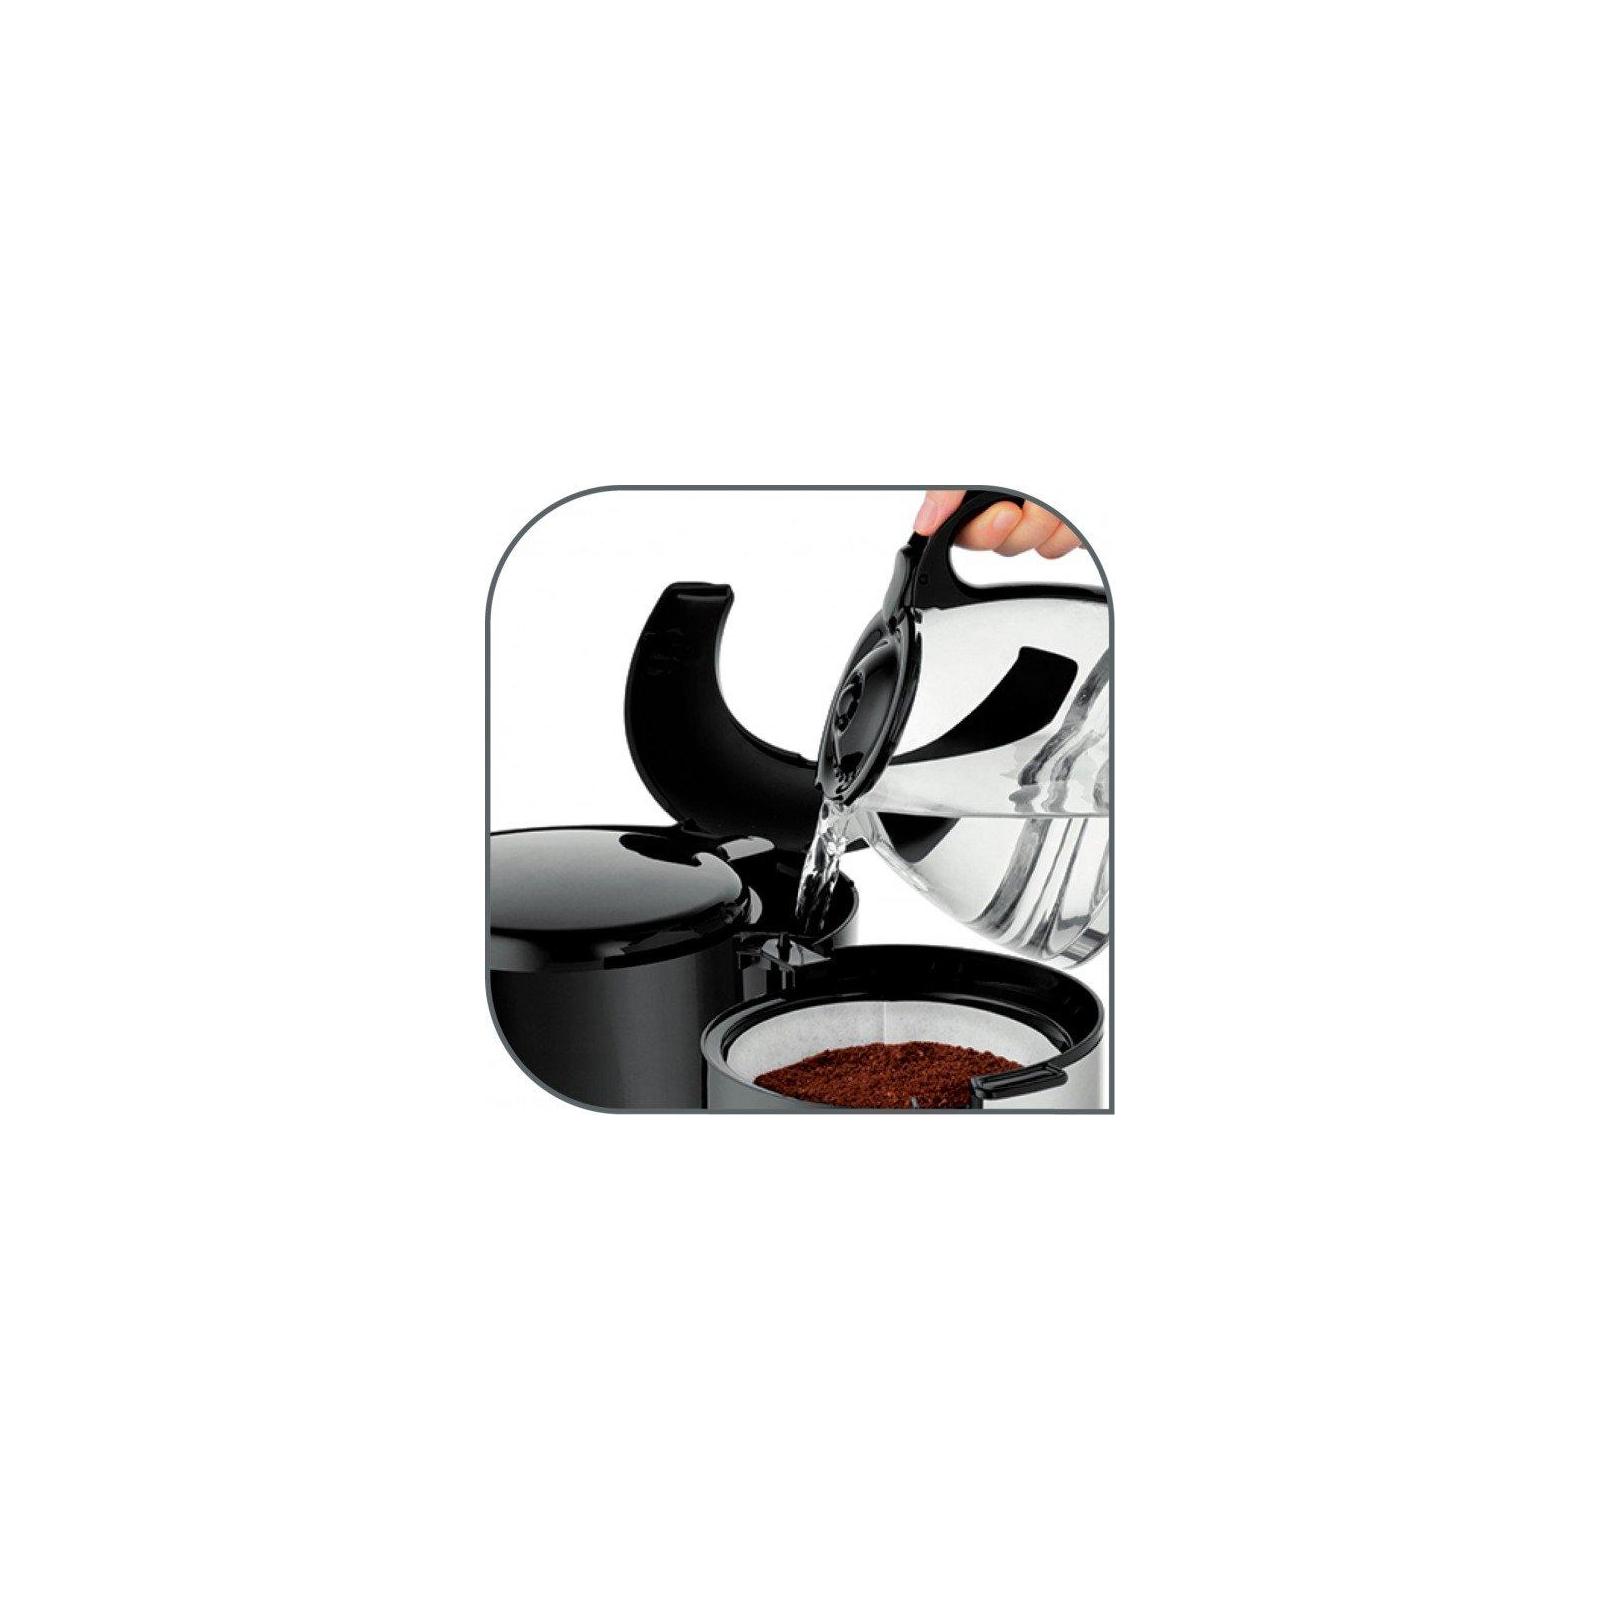 Кофеварка TEFAL SUBITO (CM360812) изображение 3